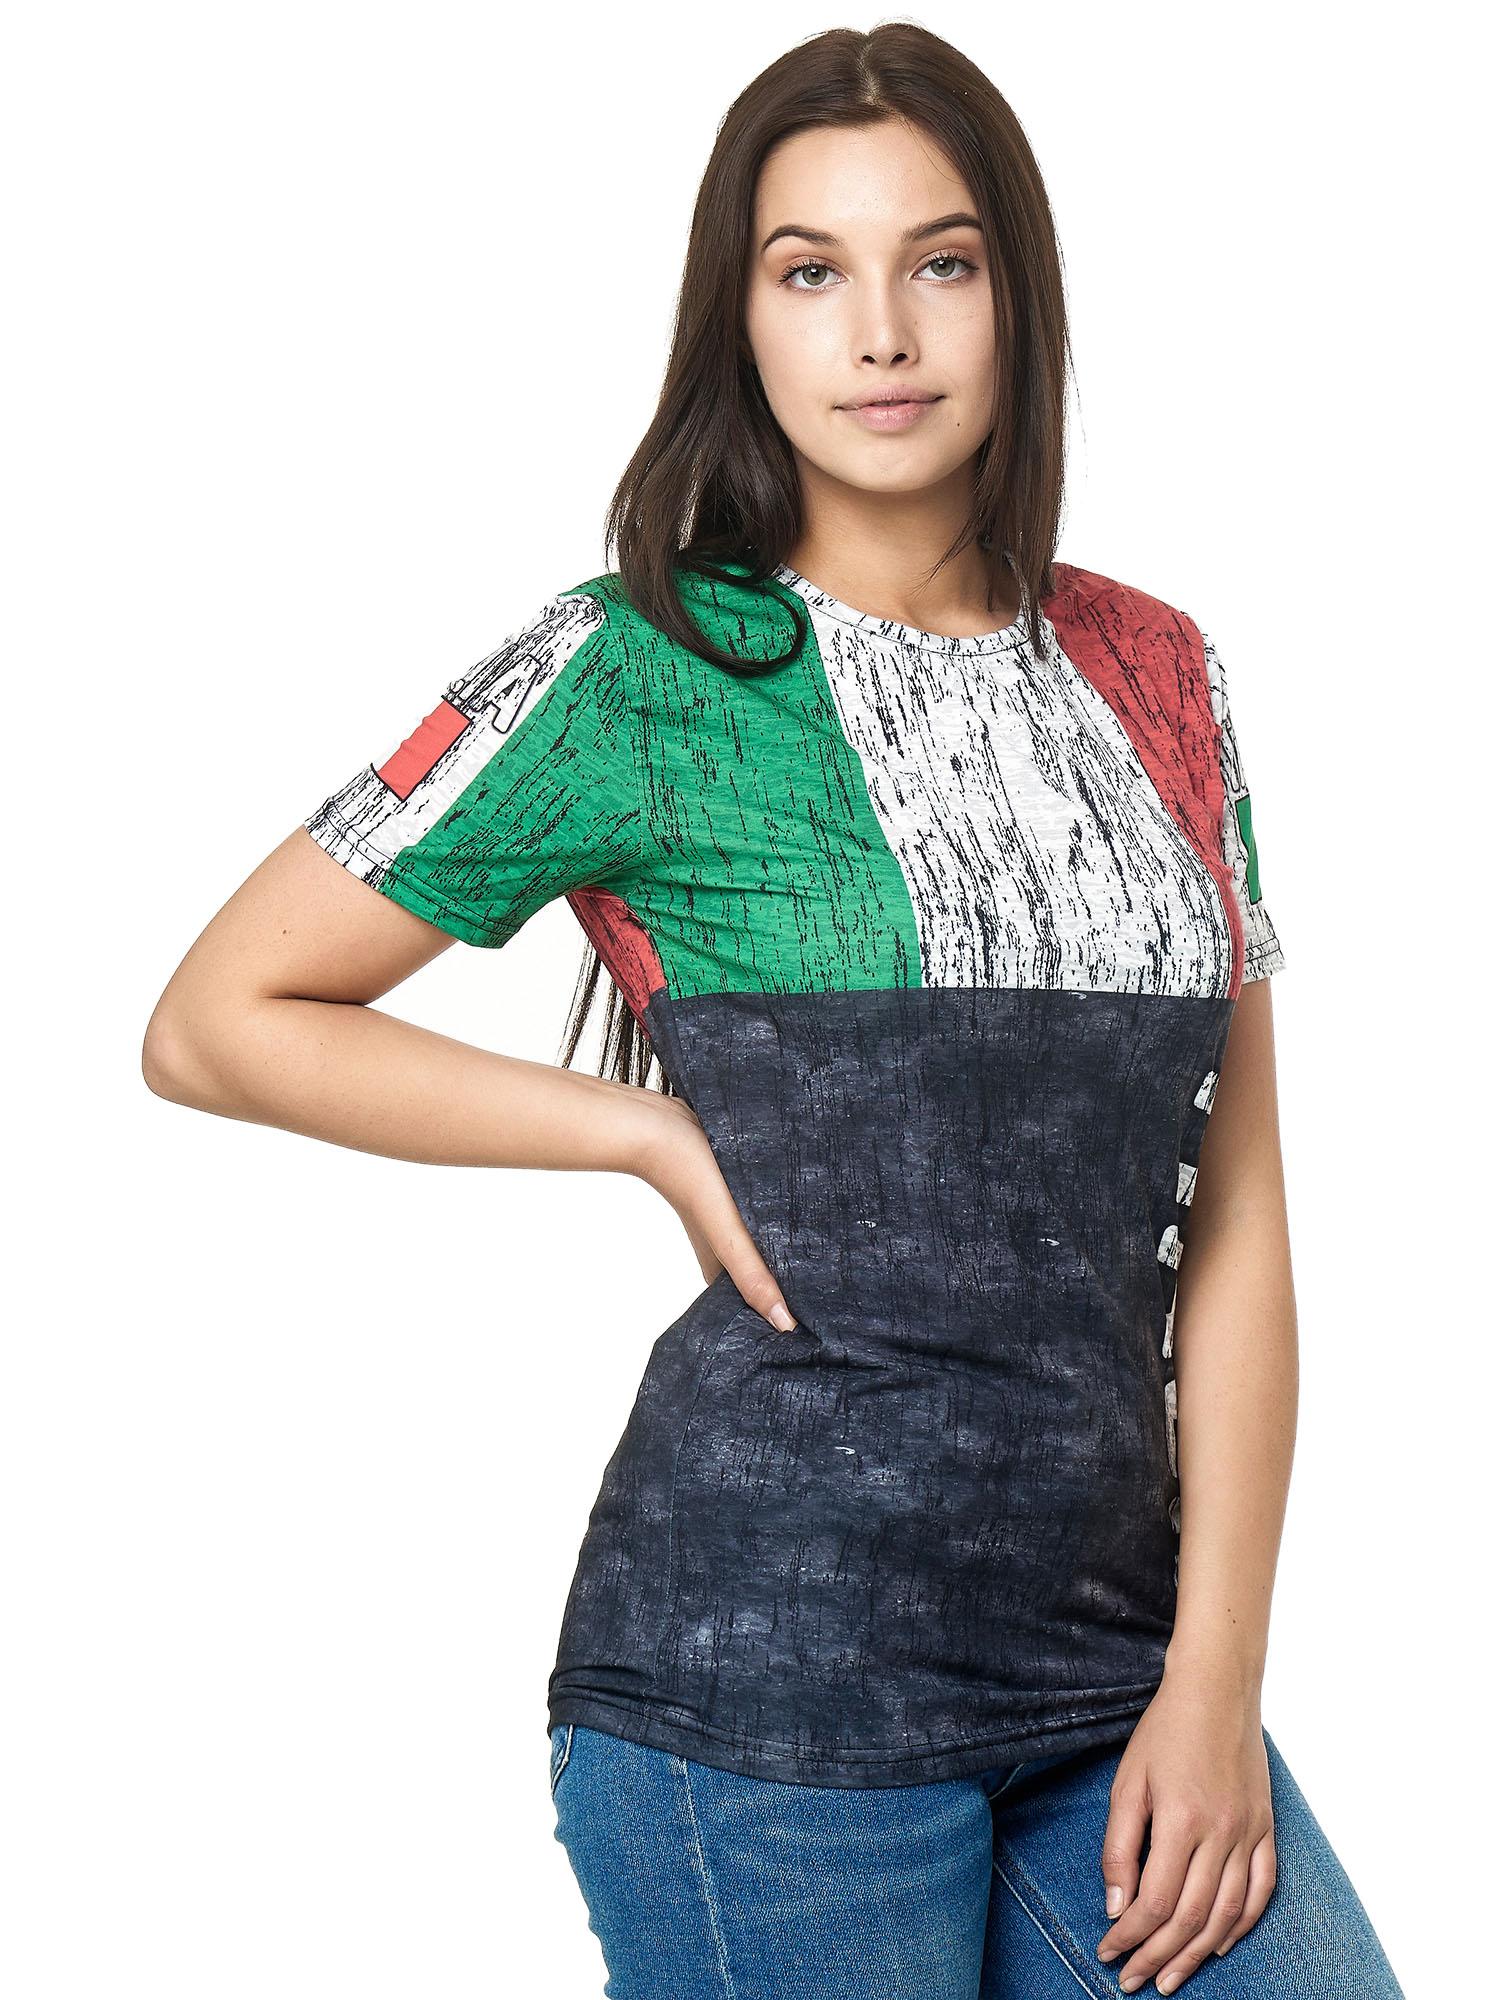 Paesi-da-Donna-T-shirt-A-Maniche-Corte-Girocollo-donne-CALCIO-Fanshirt-John-Kayna miniatura 68